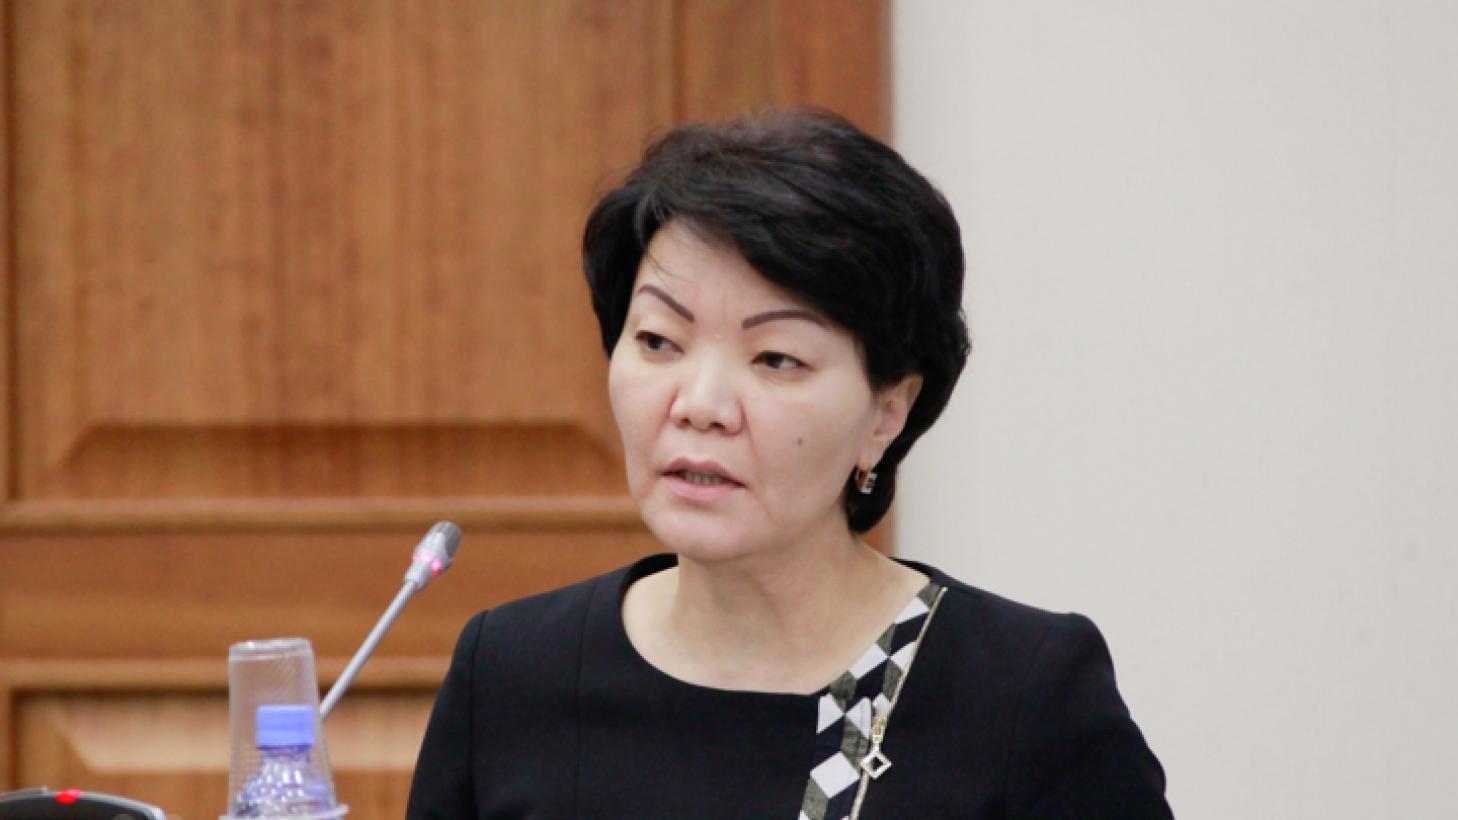 В Казахстане вырастет размер соцвыплаты по потере кормильца